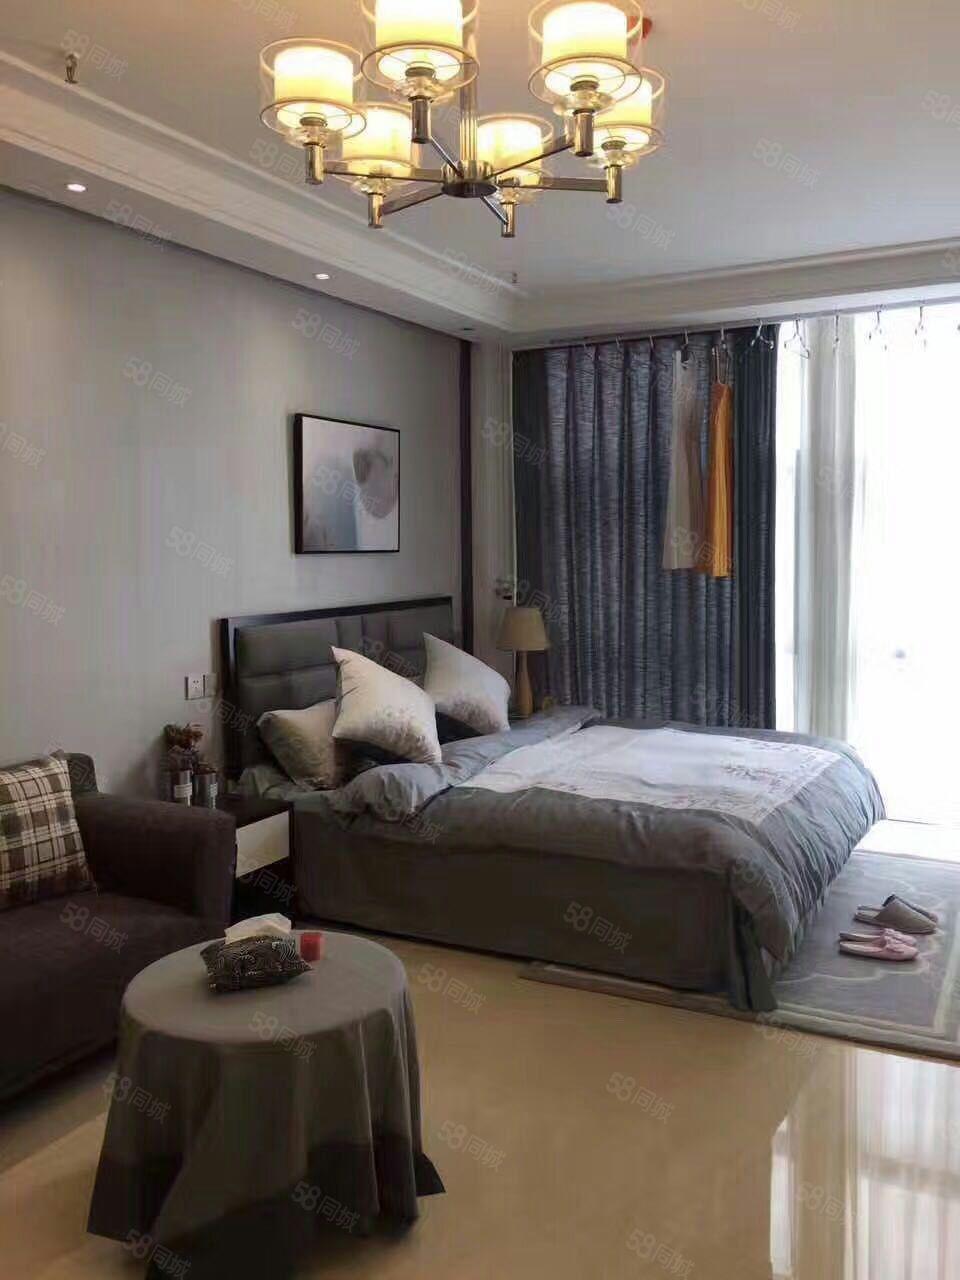 首付6万买经开区准现房,标准一居室,宜商宜居住,低周边价格!